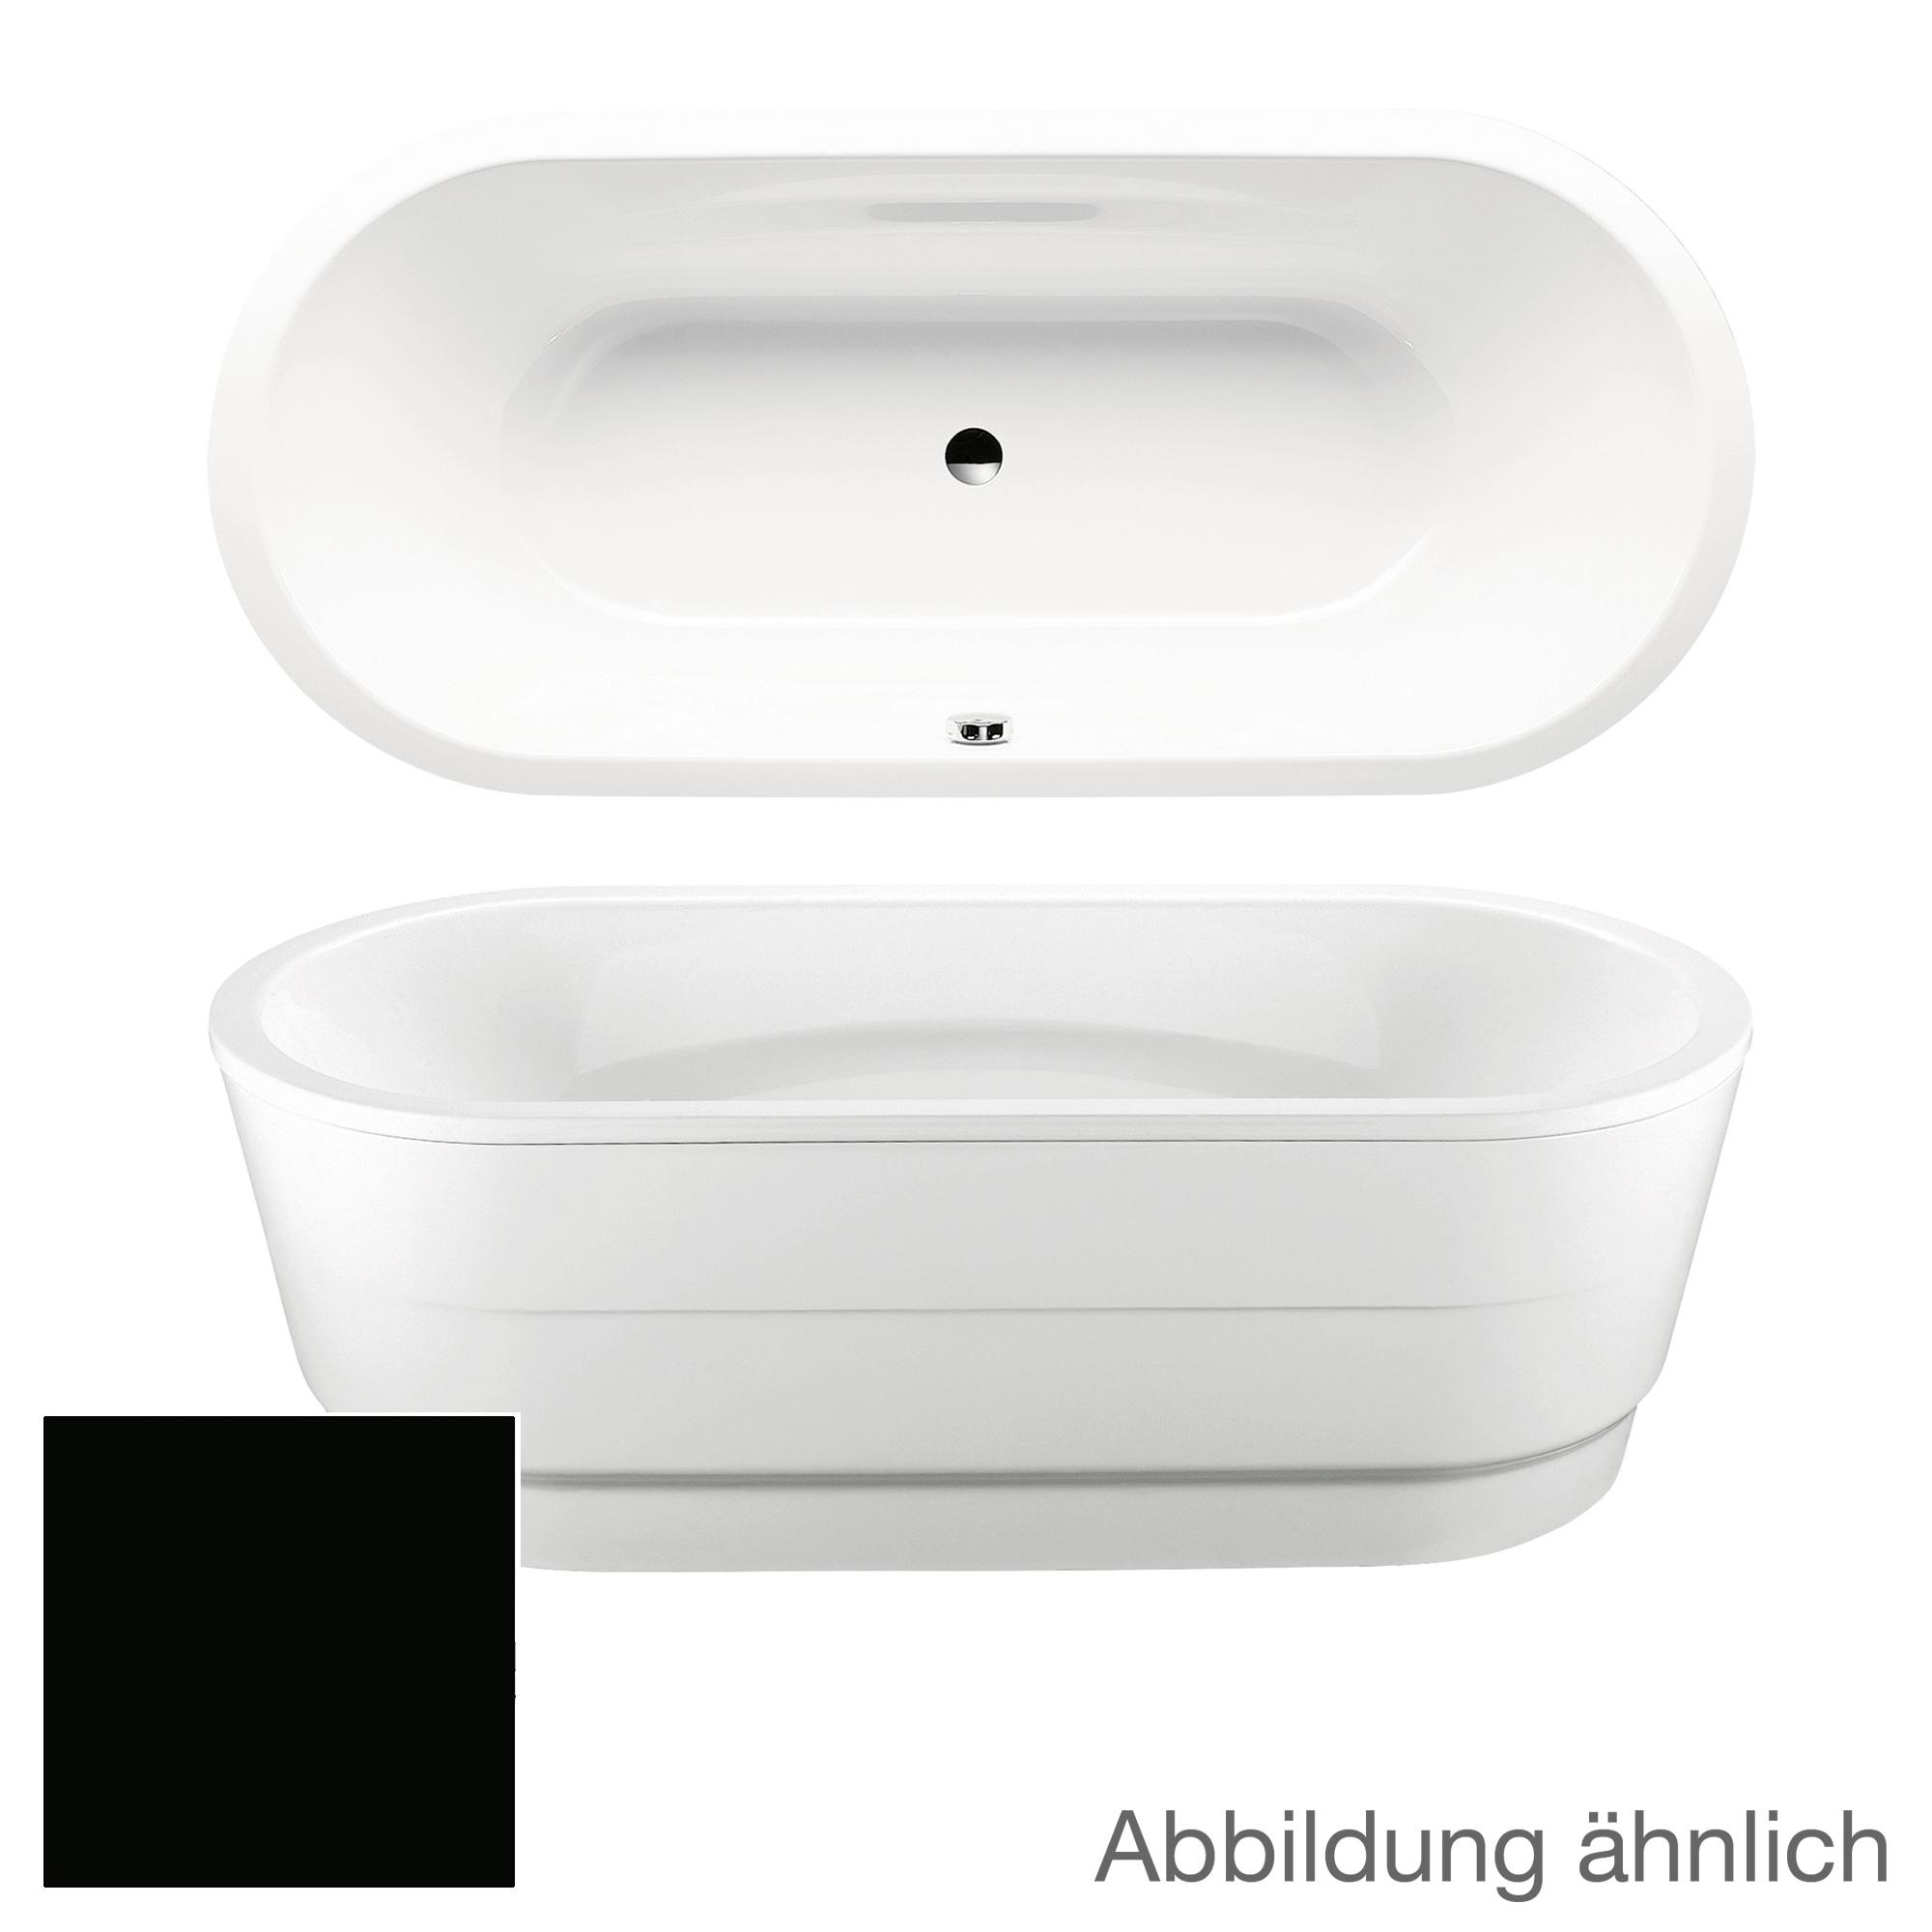 kaldewei vaio duo oval freistehende badewanne schwarz 233148050701 reuter onlineshop. Black Bedroom Furniture Sets. Home Design Ideas